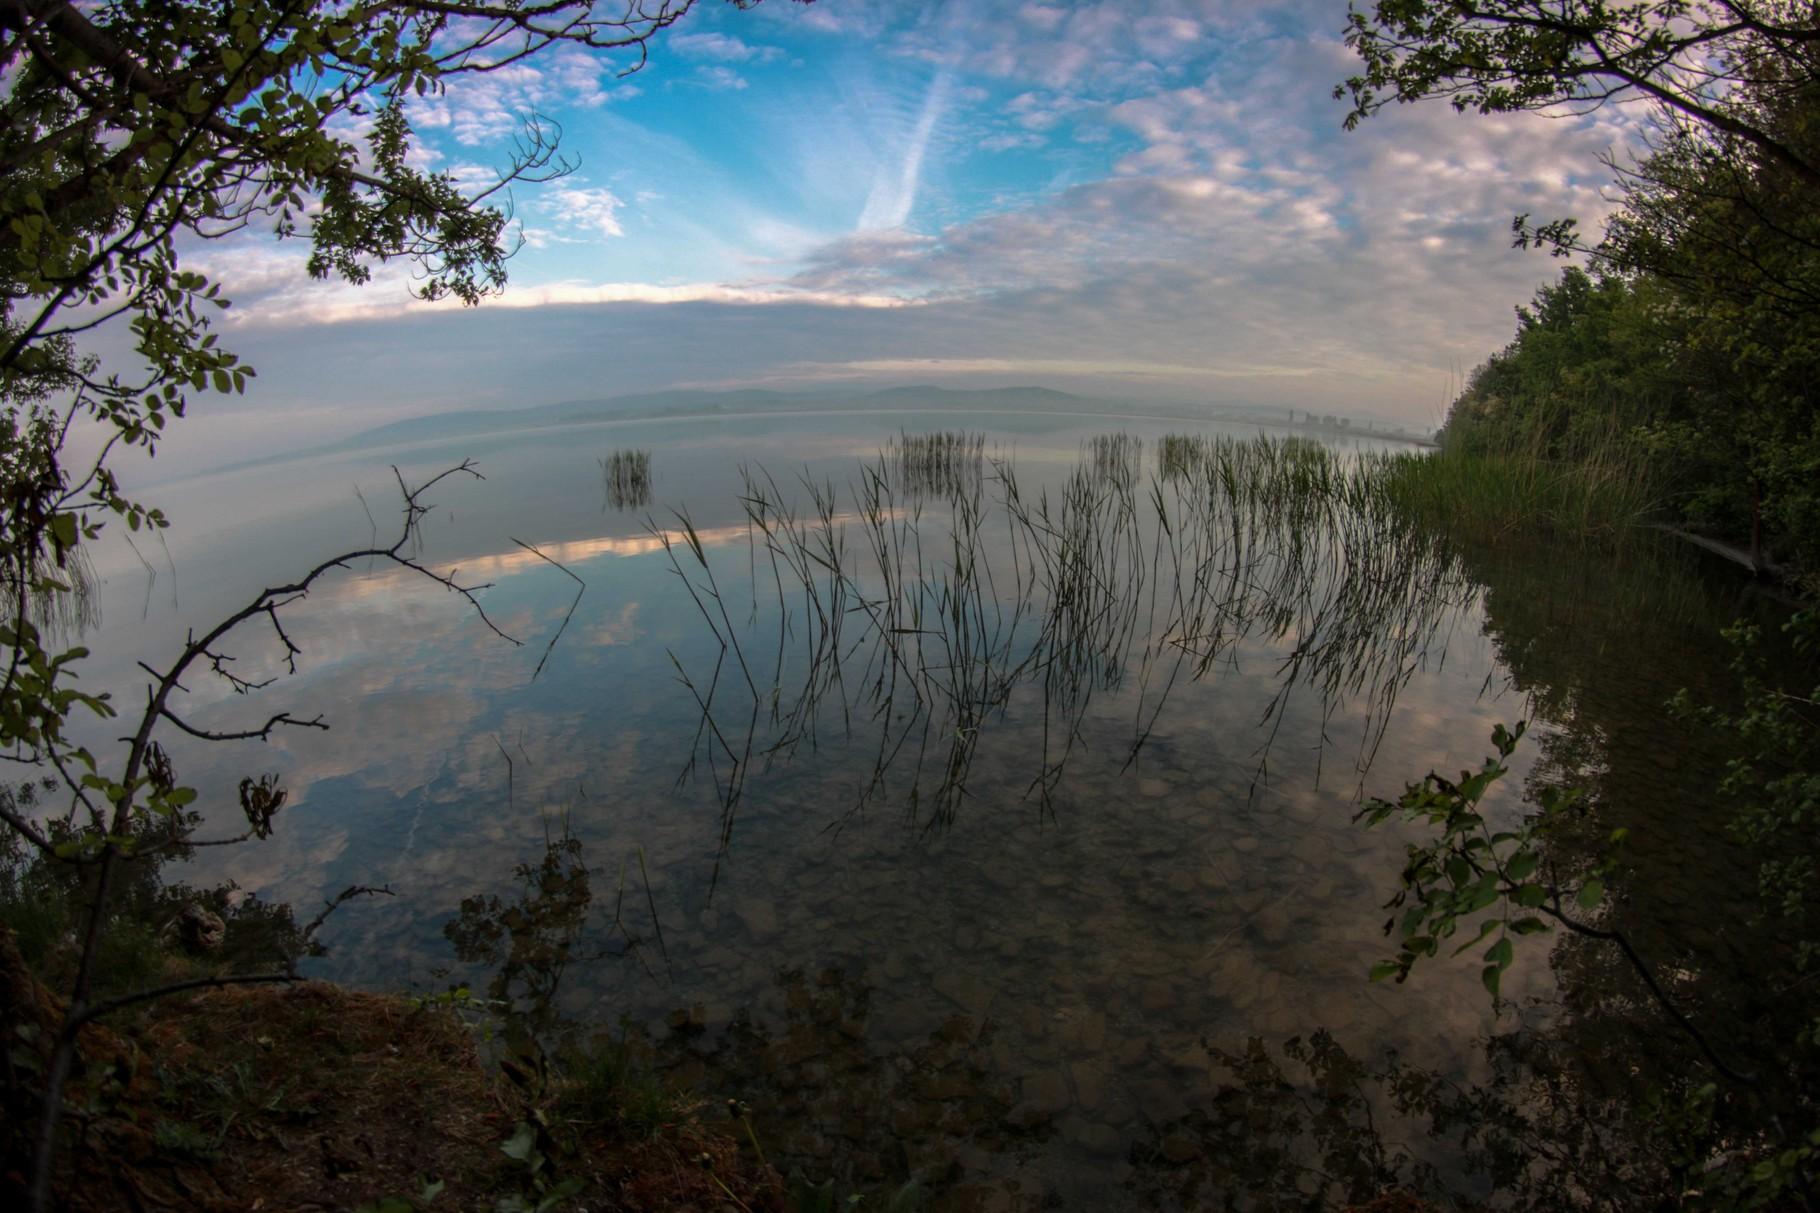 Der Balaton-See in Ungarn